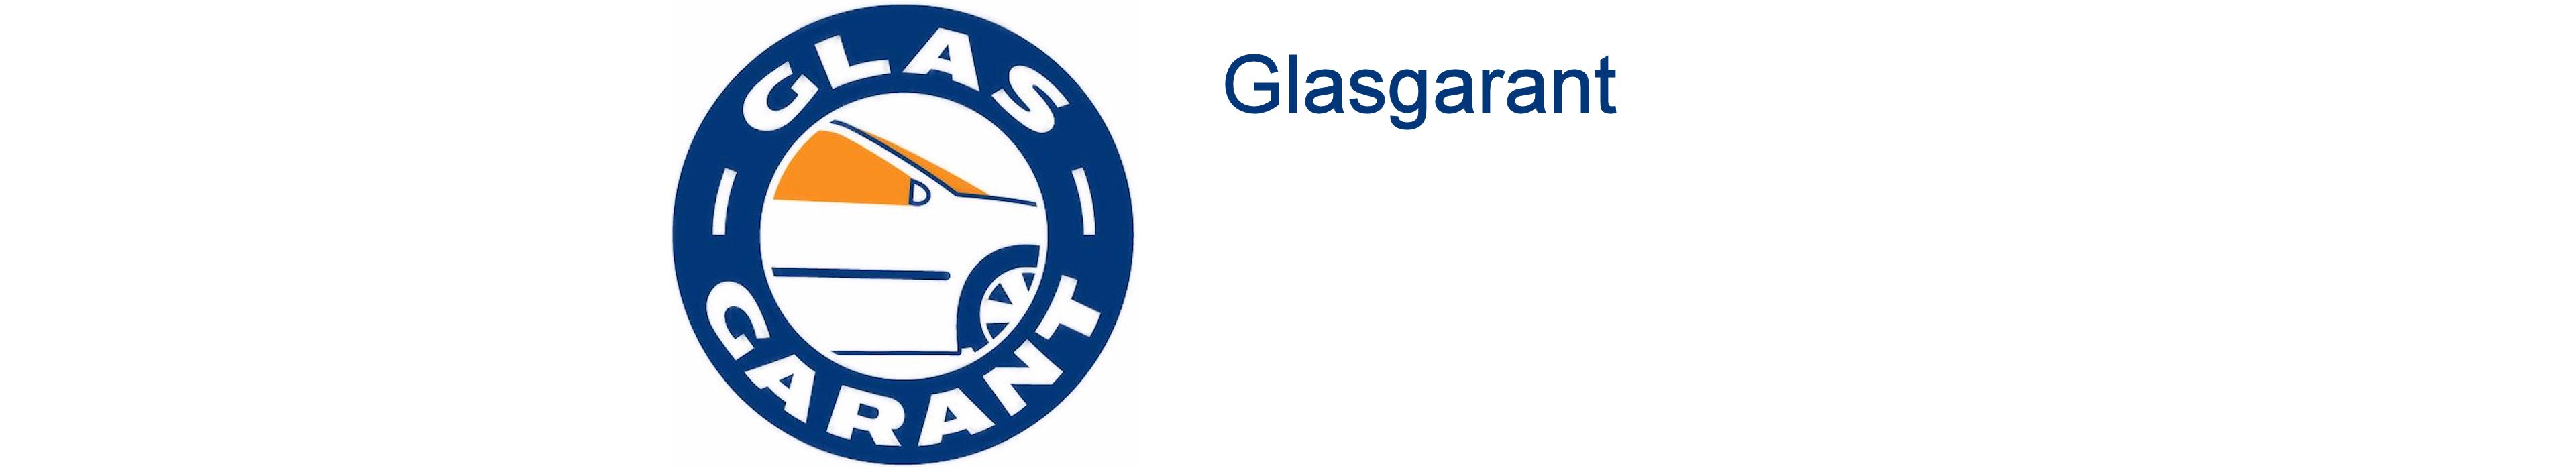 Glasgarant aangesloten ruiten herstelbedrijf